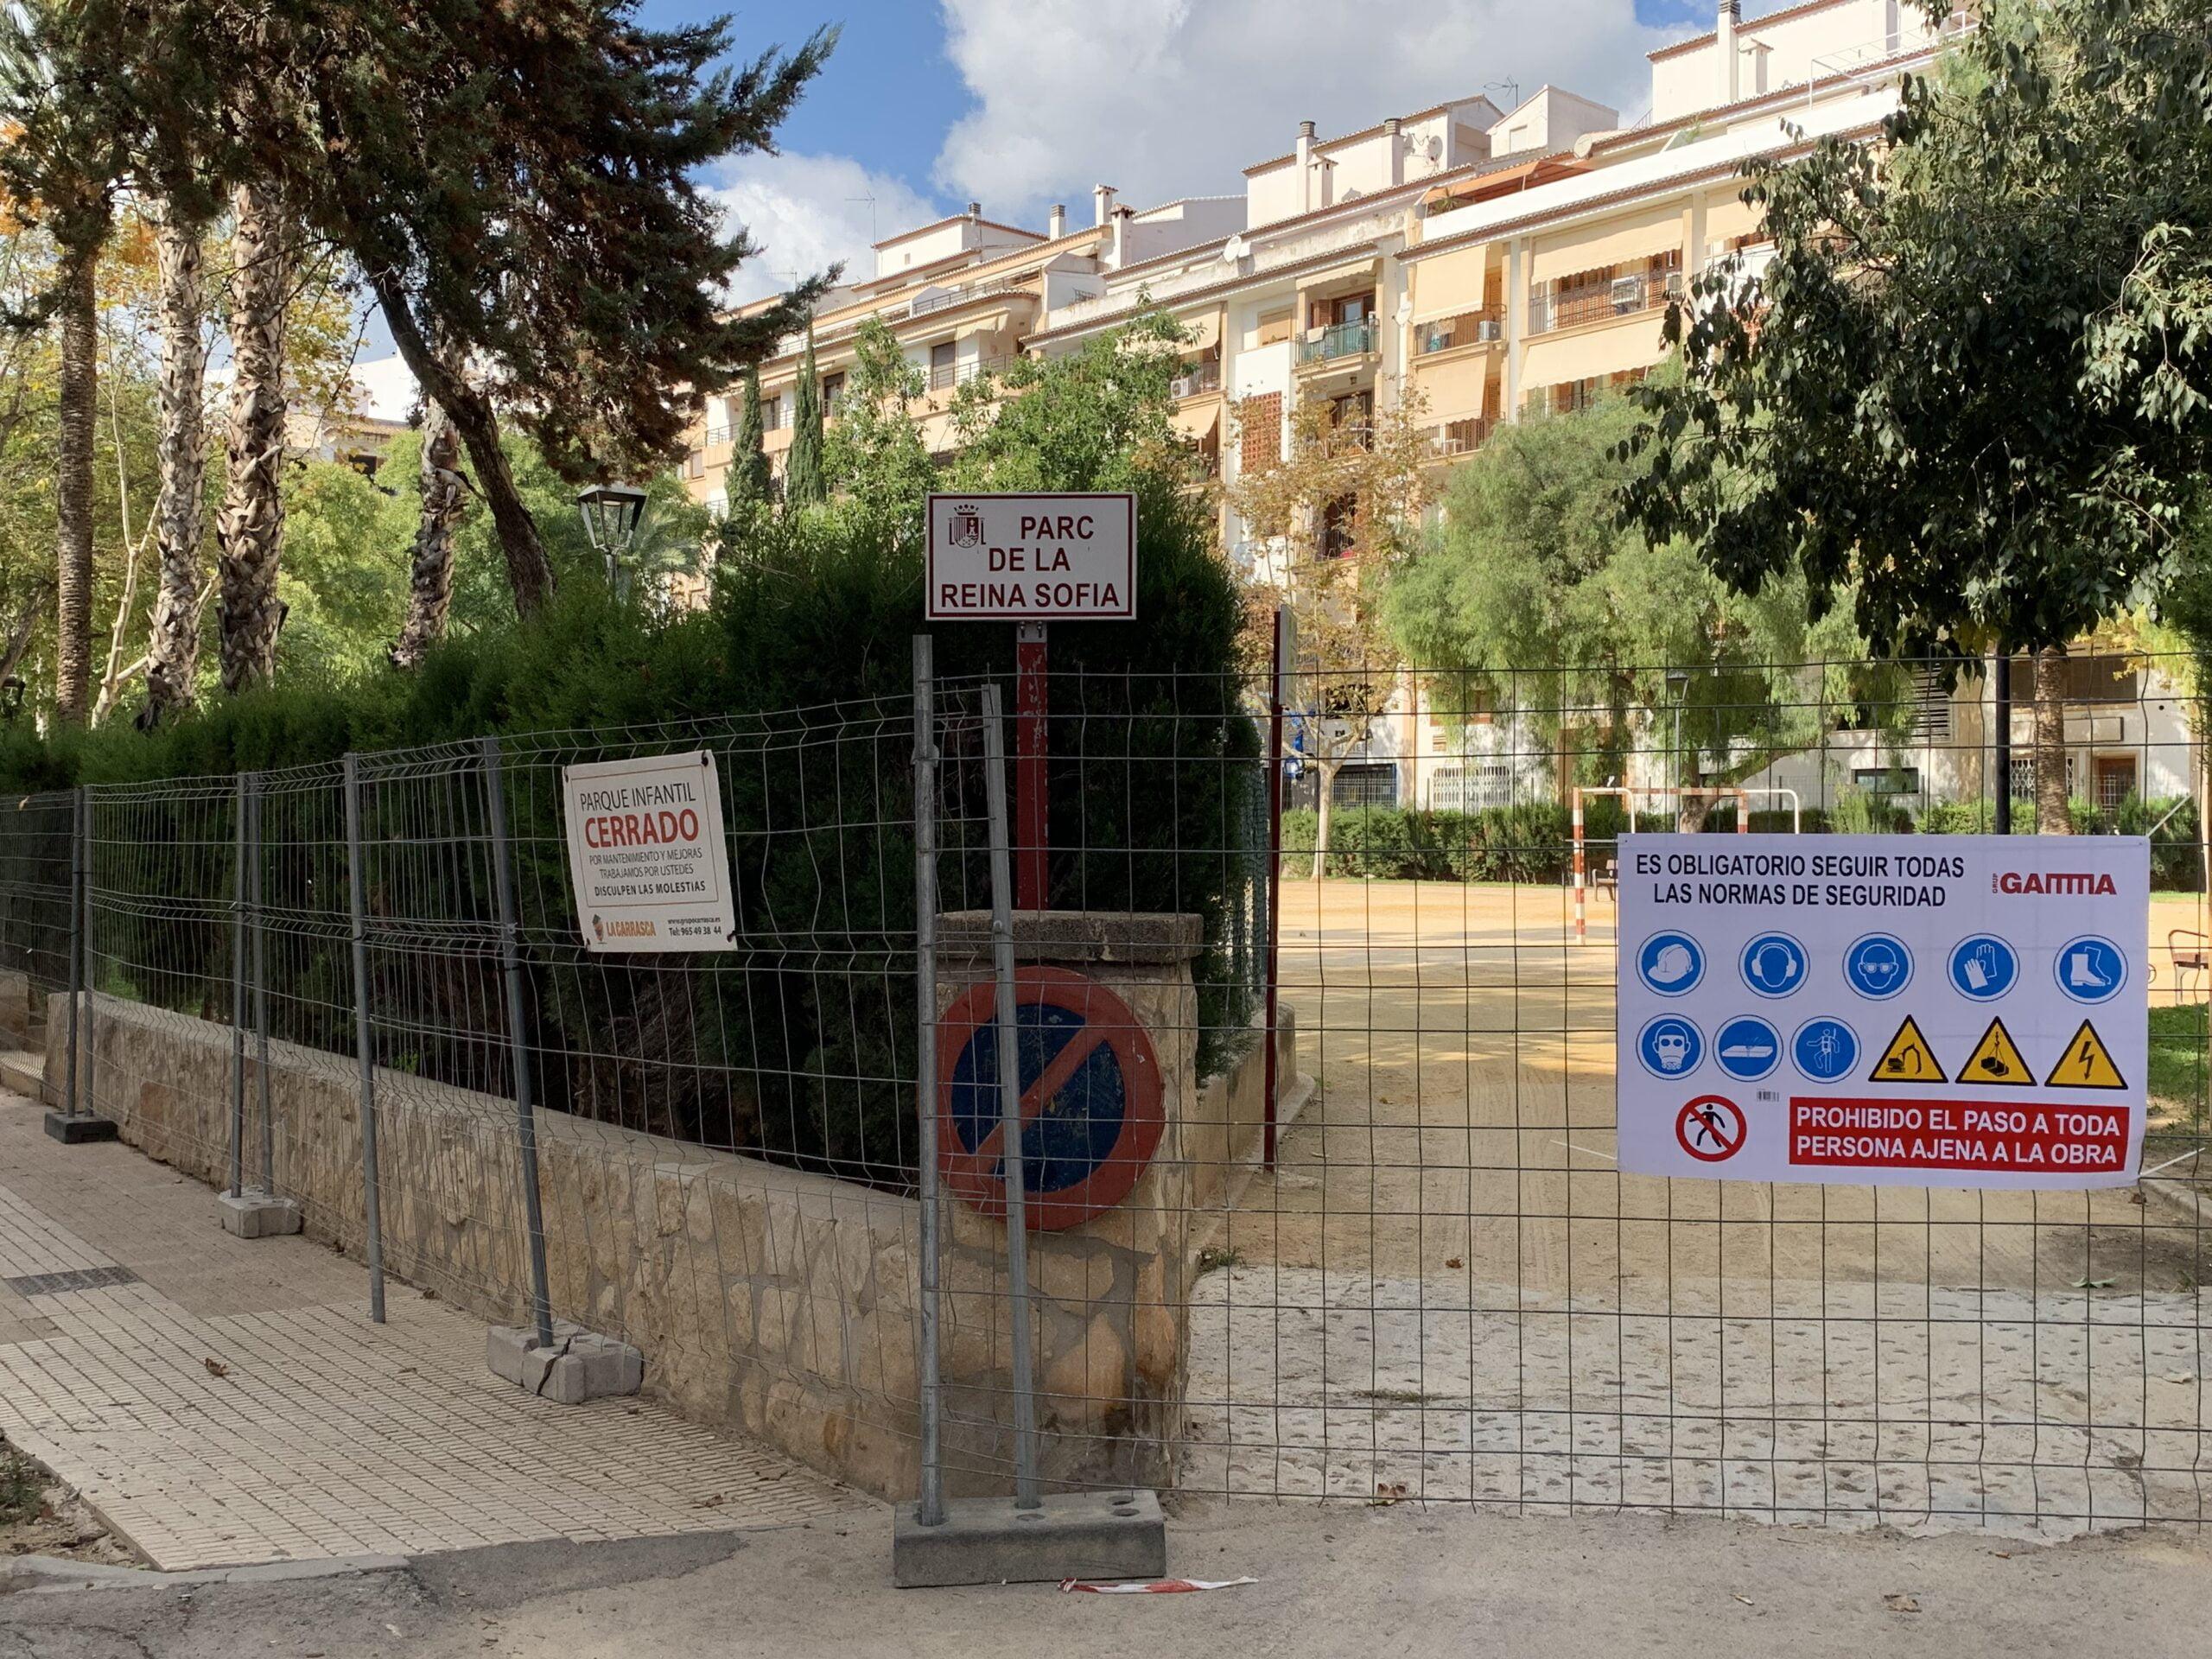 Cierran el acceso al parque thiviers para iniciar las obras de remodelación